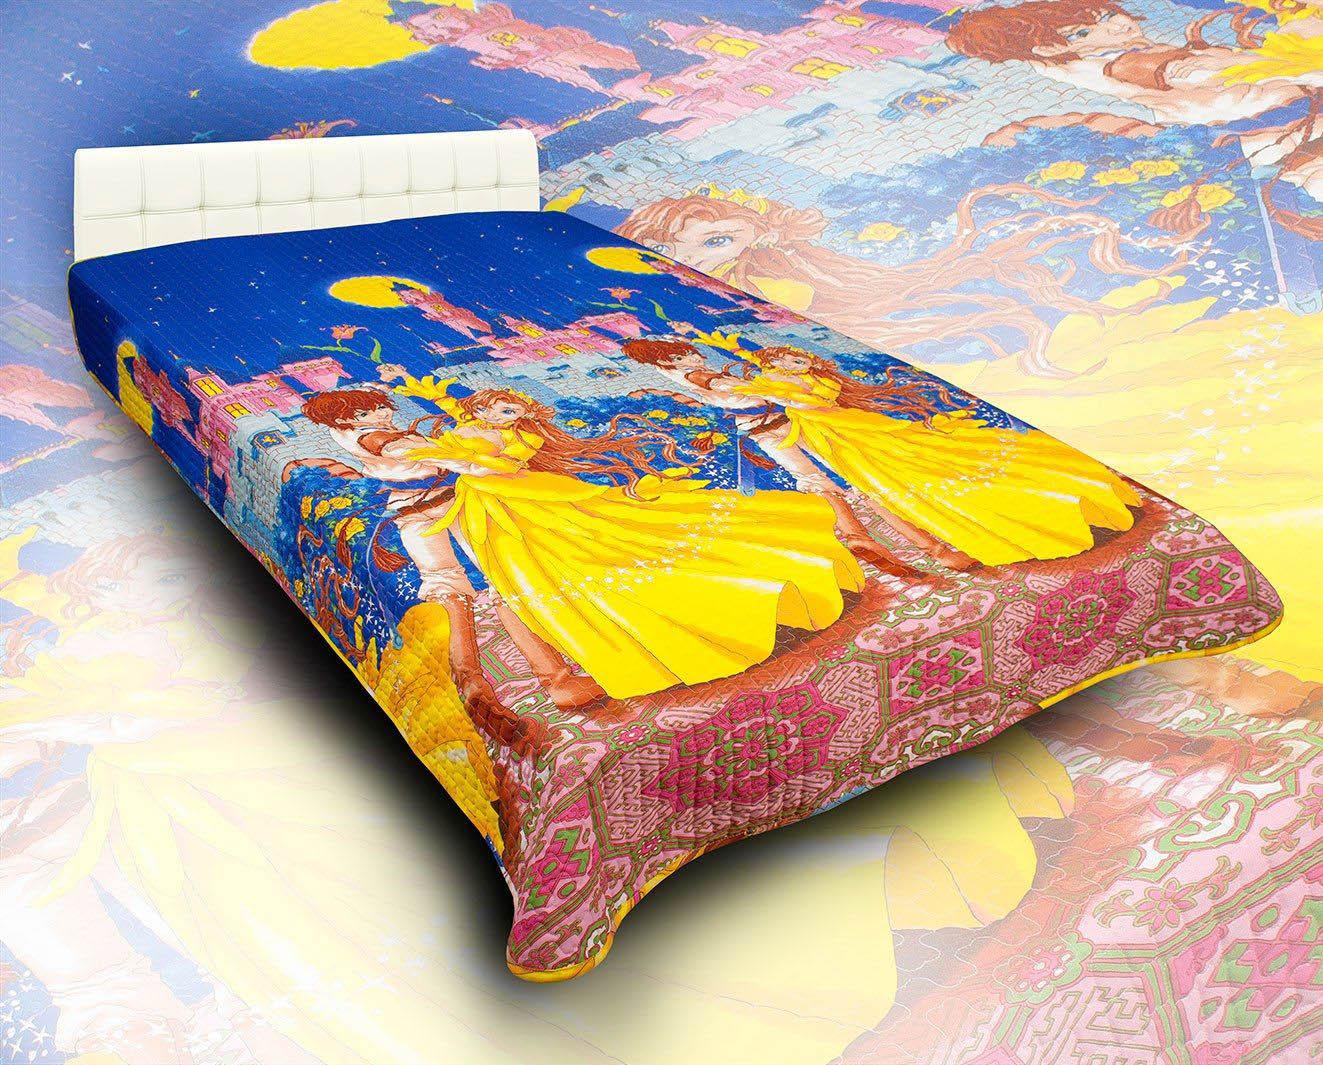 Детские покрывала, подушки, одеяла AlViTek Детское покрывало Мир Чудес (150х215 см) покрывало рафаэль поплин 150х215